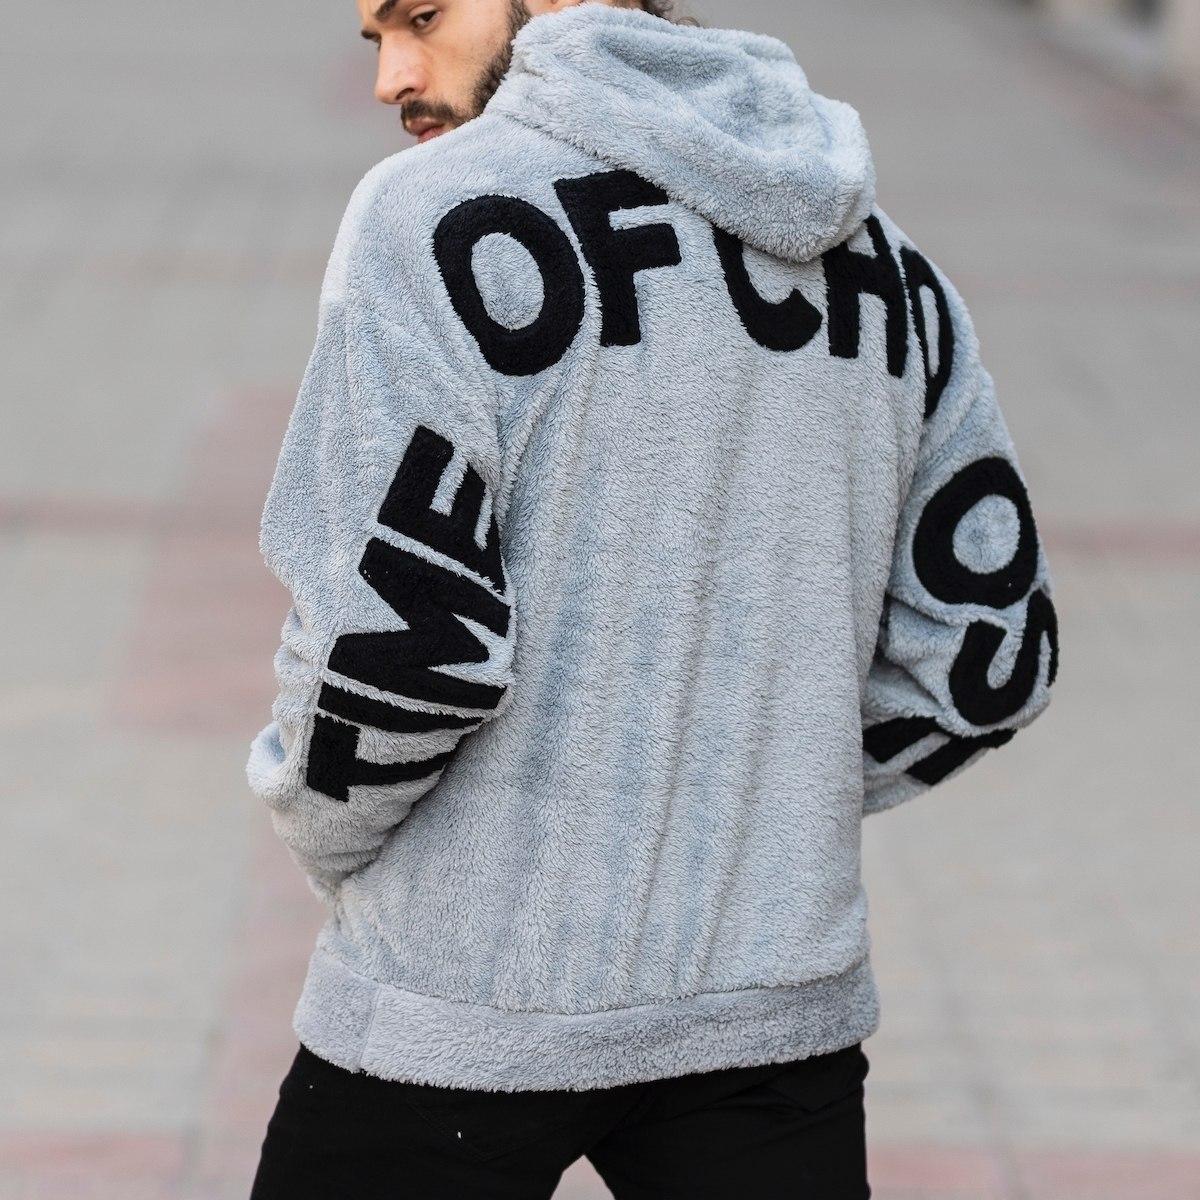 Saw Hooded Winter Hoodie in Grey Mv Premium Brand - 3